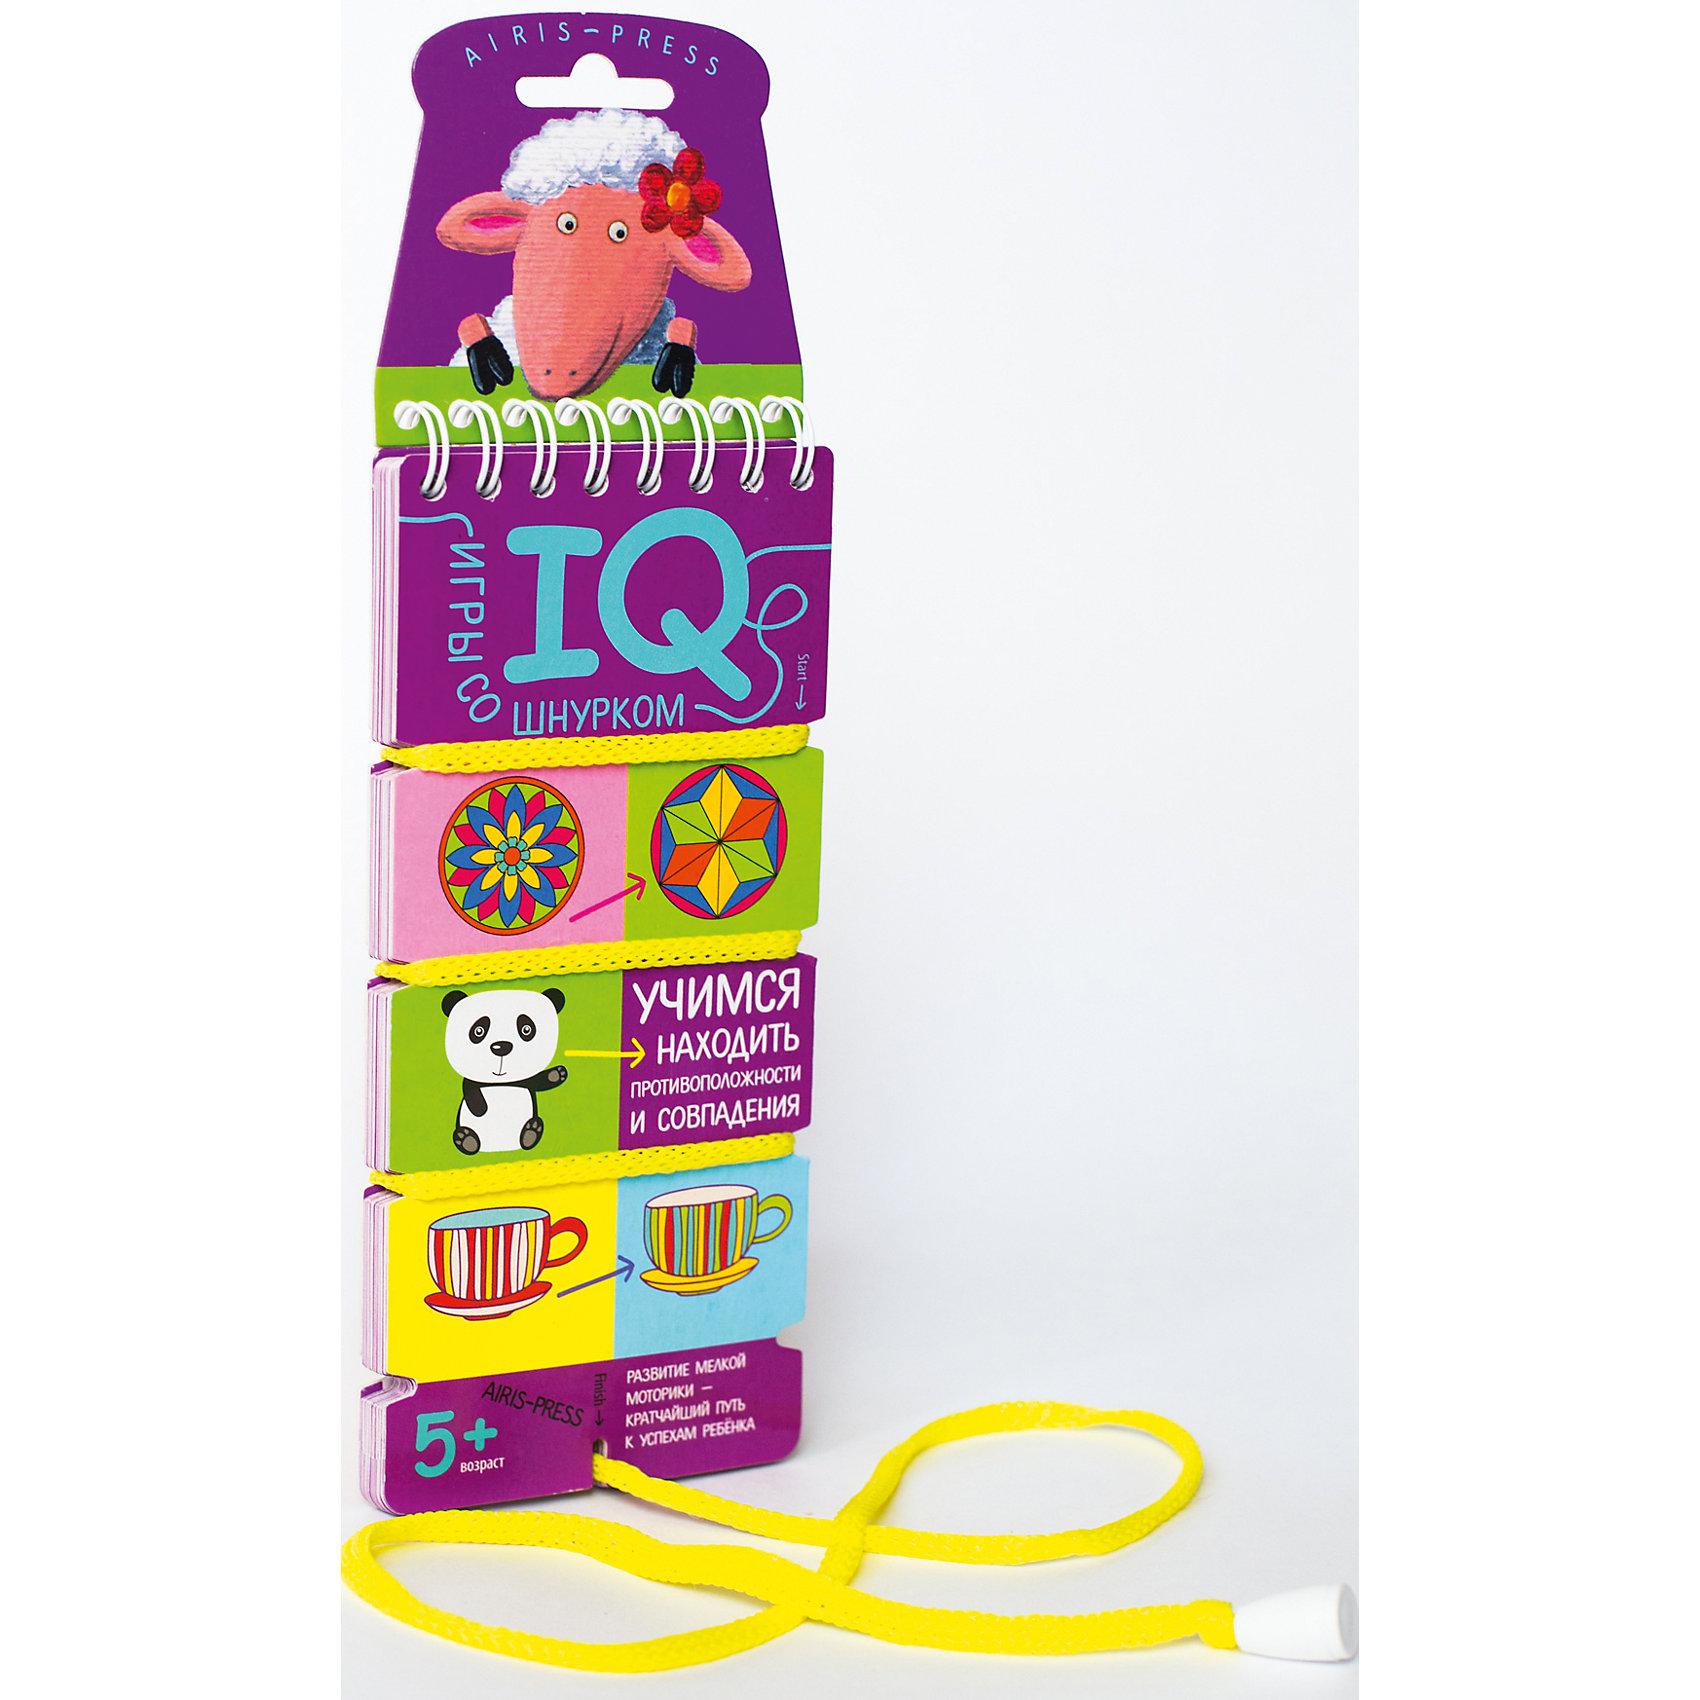 Игры со шнурком Учимся находить противоположности и совпаденияШнуровки<br>Характеристики товара:<br><br>• возраст: от 5 лет<br>• комплектация: блокнот на пружине со шнурком, состоящий из 18 картонных карточек<br>• автор: Куликова Е.Н.<br>• производитель: Айрис-пресс<br>• серия: IQ игры со шнурком<br>• иллюстрации: цветные<br>• размер блокнота: 7х15,5 см.<br>• вес: 66 гр.<br><br>«Учимся находить противоположности и совпадения» - это развивающее игровое пособие, с помощью которого ребенок научится анализировать, находить одинаковые и противоположные свойства предметов. Интересная форма выполнения заданий и самопроверки увлекает детей и приучает к самостоятельным занятиям.<br><br>В блокноте 18 игровых карточек, переплёт с пружиной и прочный шнурок, надёжно прикреплённый металлической заклёпкой. На каждой карточке картинки-задания. Для каждой картинки необходимо подобрать пару. Схема, по которой нужно подбирать пару, нарисована.<br><br>Для проверки правильности выполнения заданий используется шнурок. Пары последовательно соединяются шнурком. В результате шнурок определенным образом переплетает карточку. Если шнурок будет идти по линиям, нарисованным с обратной стороны карточки, значит задание выполнено, верно.<br><br>Игры со шнурком развивают внимание, усидчивость, самодисциплину, мышление, мелкую моторику и координацию движений. Интуитивно понятные задания помогают ребёнку почувствовать уверенность в своих силах и учиться с удовольствием.<br><br>Игры со шнурком - это простое и удобное пособие для занятий в детском саду, дома и на отдыхе.<br><br>Игры со шнурком Учимся находить противоположности и совпадения можно купить в нашем интернет-магазине.<br><br>Ширина мм: 36<br>Глубина мм: 70<br>Высота мм: 160<br>Вес г: 62<br>Возраст от месяцев: 60<br>Возраст до месяцев: 84<br>Пол: Унисекс<br>Возраст: Детский<br>SKU: 6849570